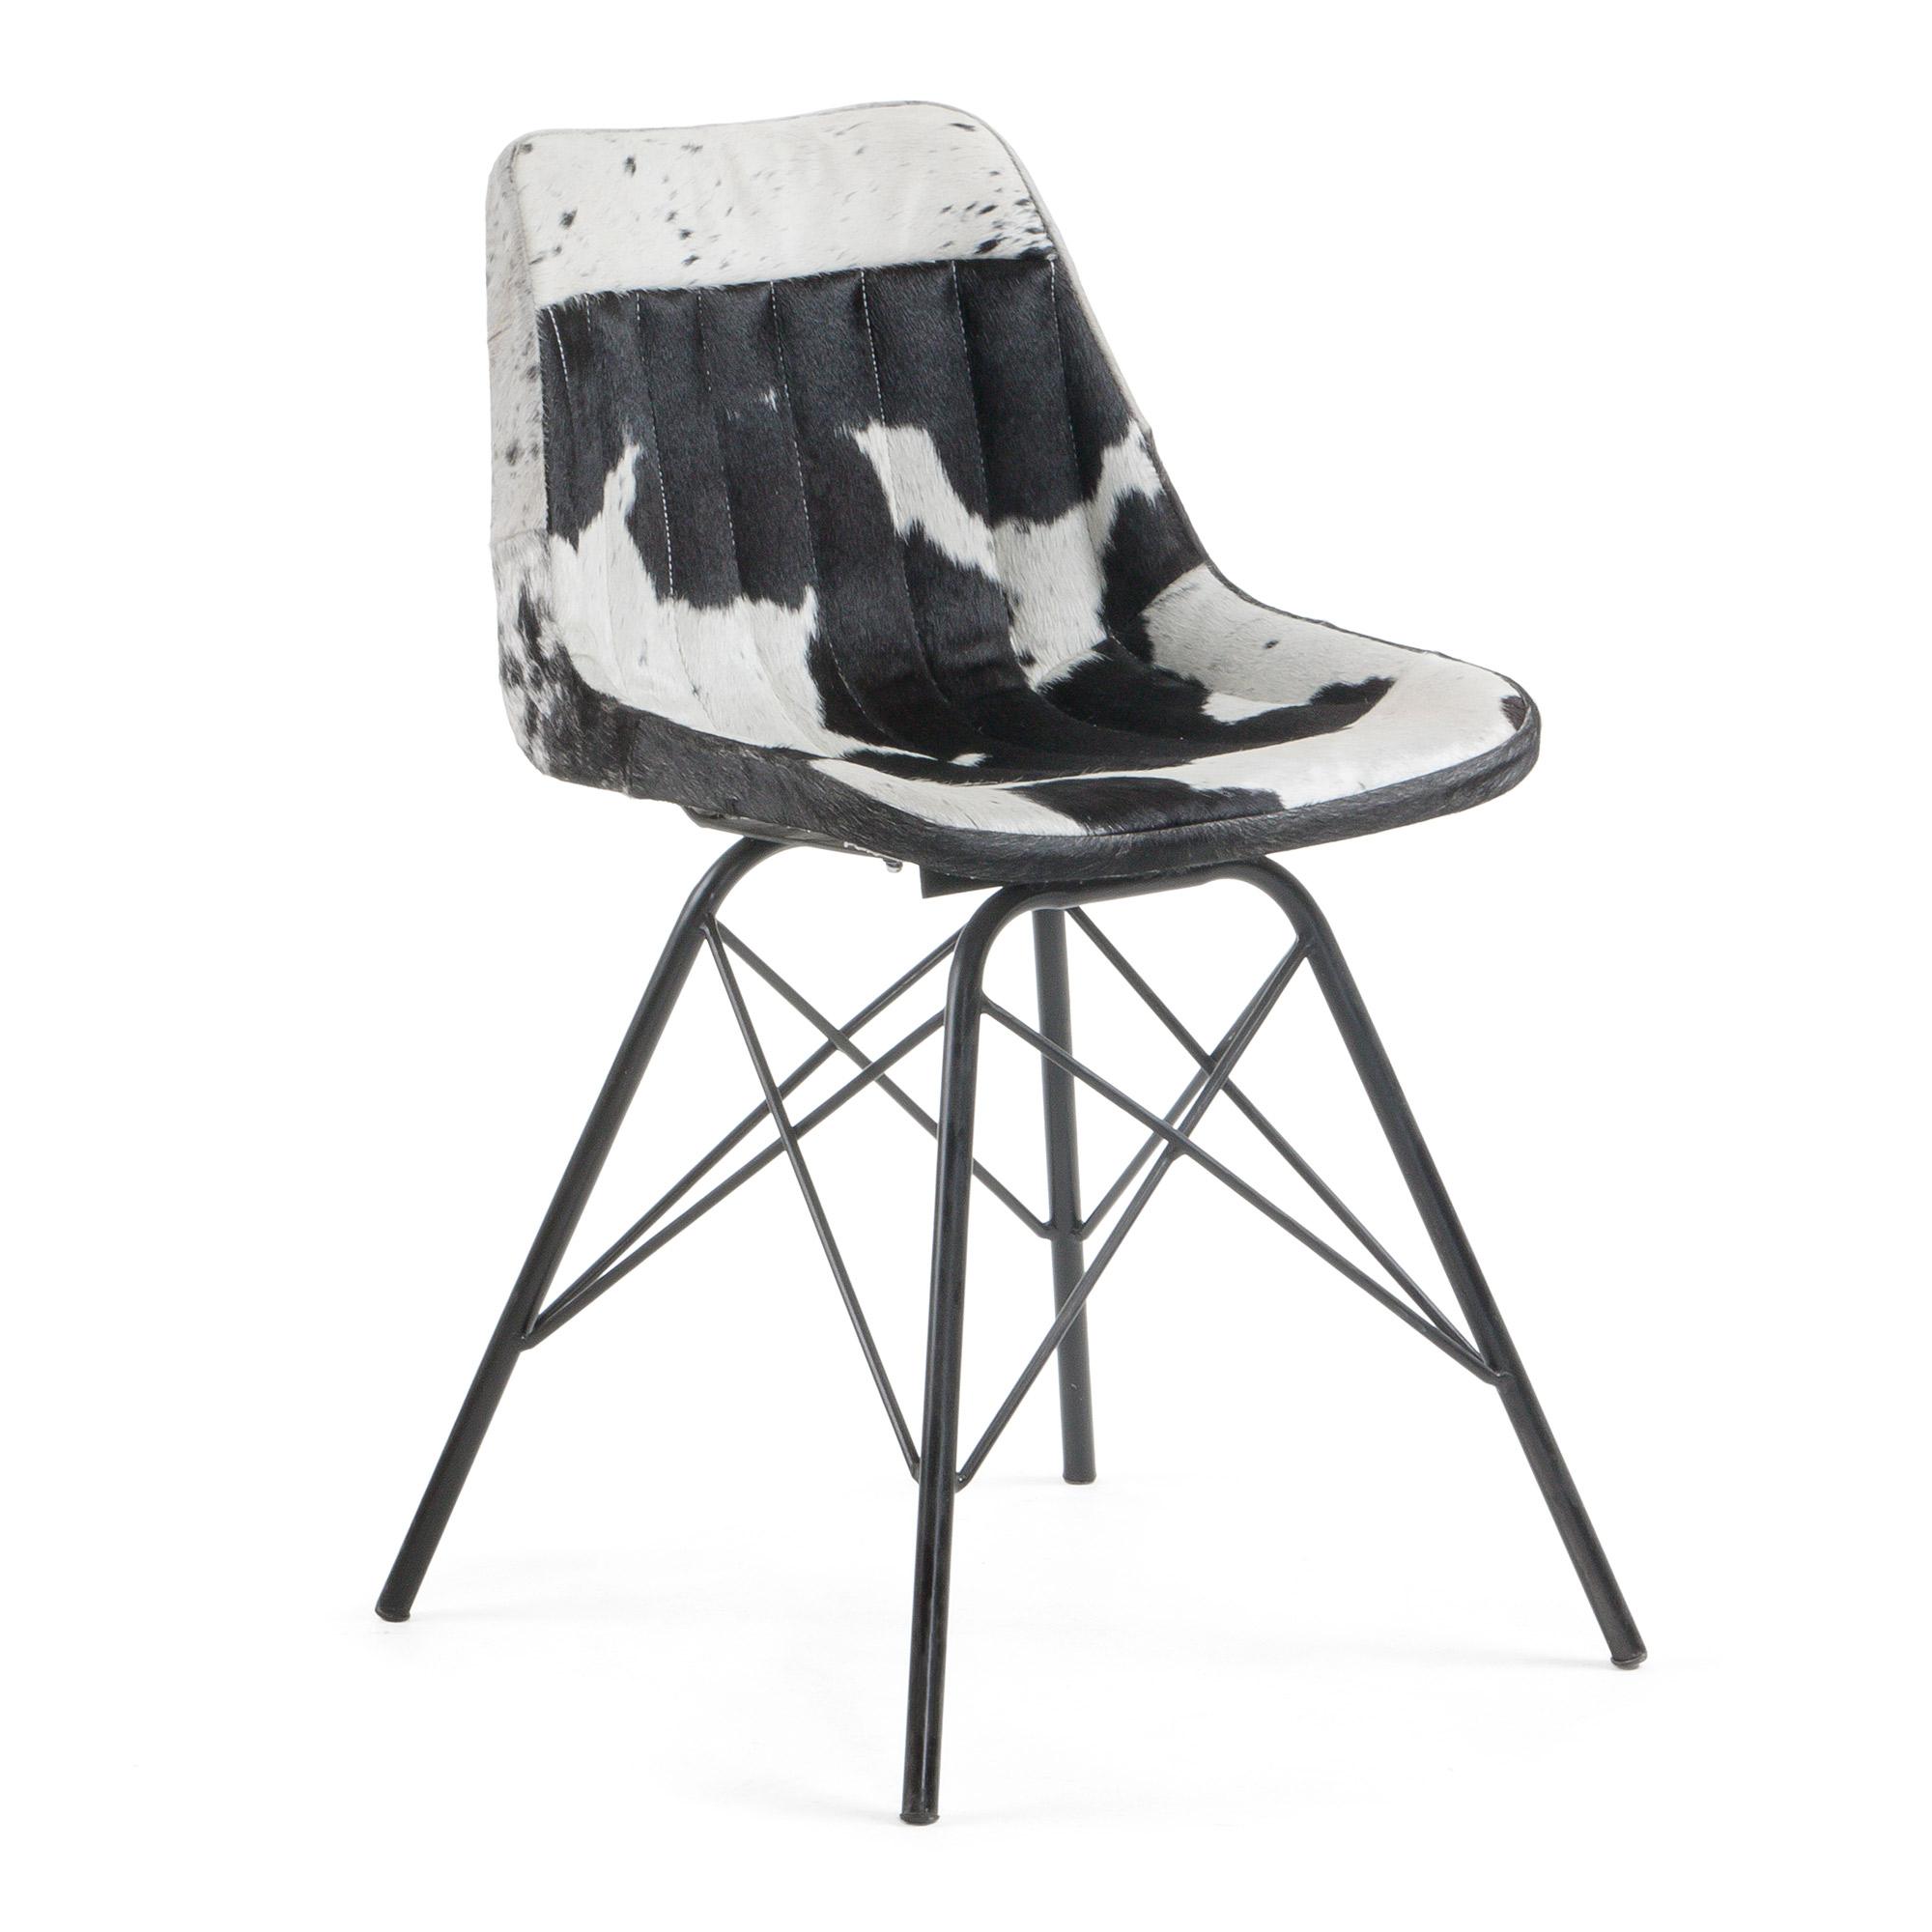 laforma Laforma tribu spisebordsstol - hvid/sort læder og stål fra boboonline.dk